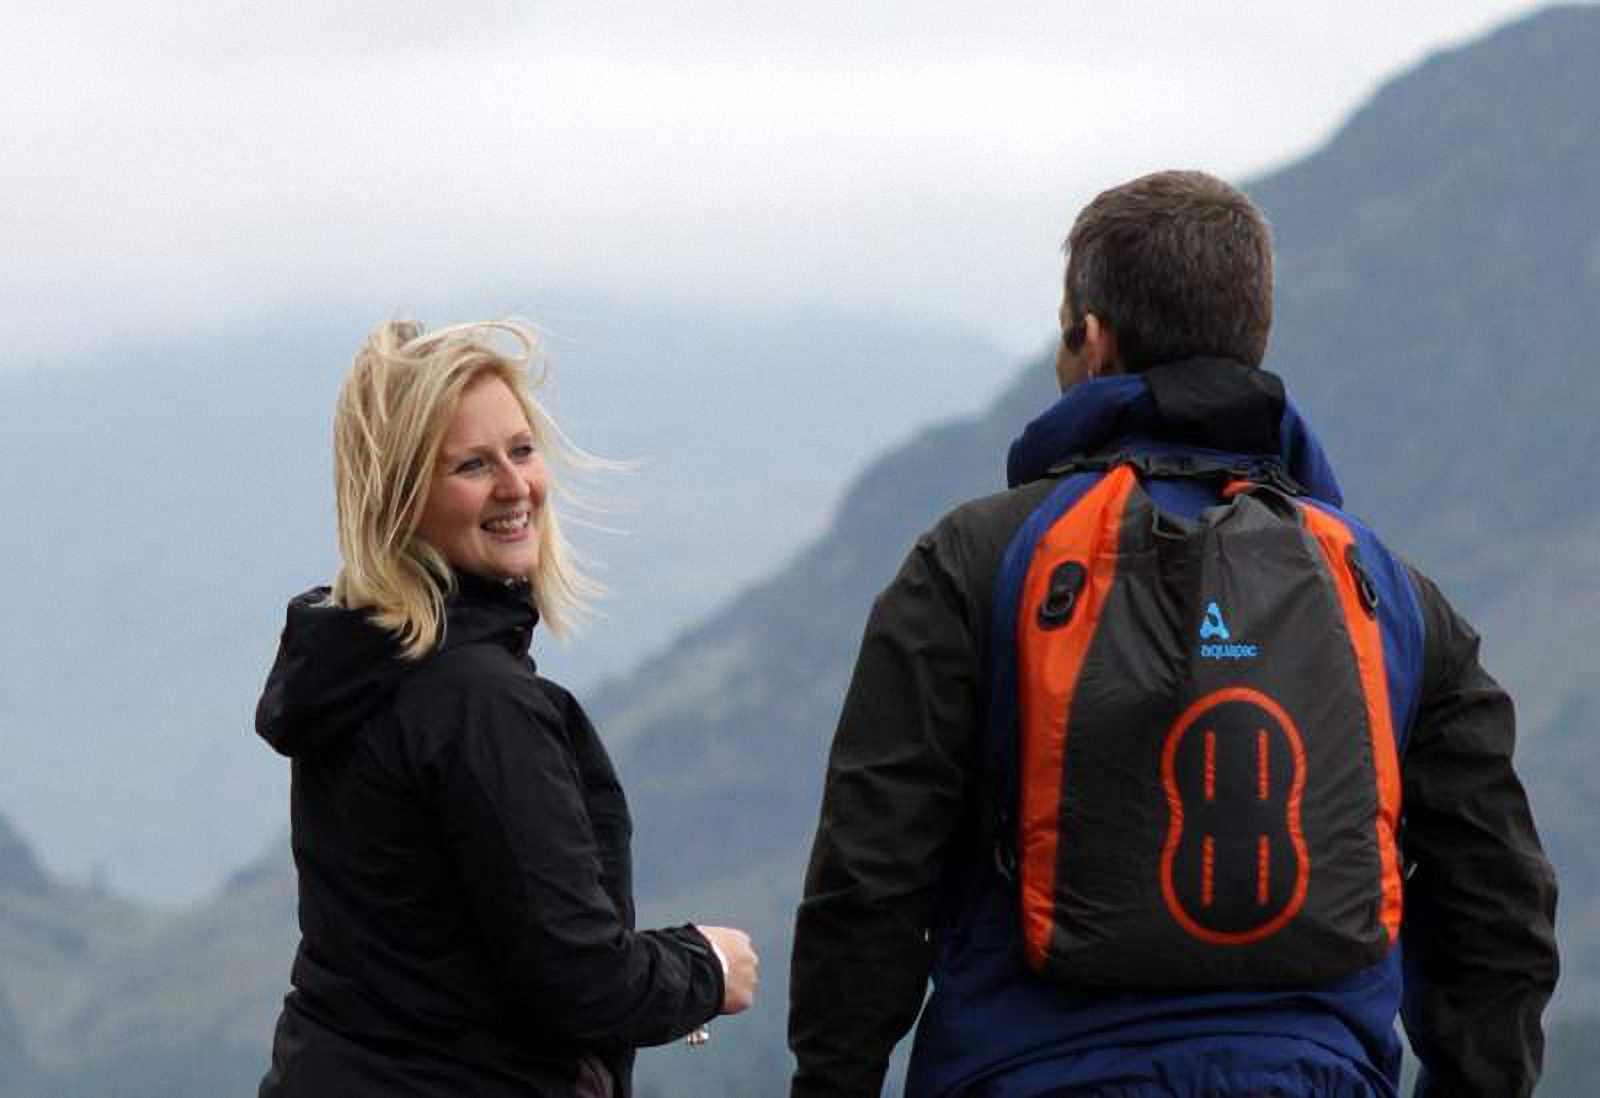 Водонепроницаемая сумка Aquapac 025 - Stormproof Padded Dry Bag.. Aquapac - №1 в мире водонепроницаемых чехлов и сумок. Фото 2